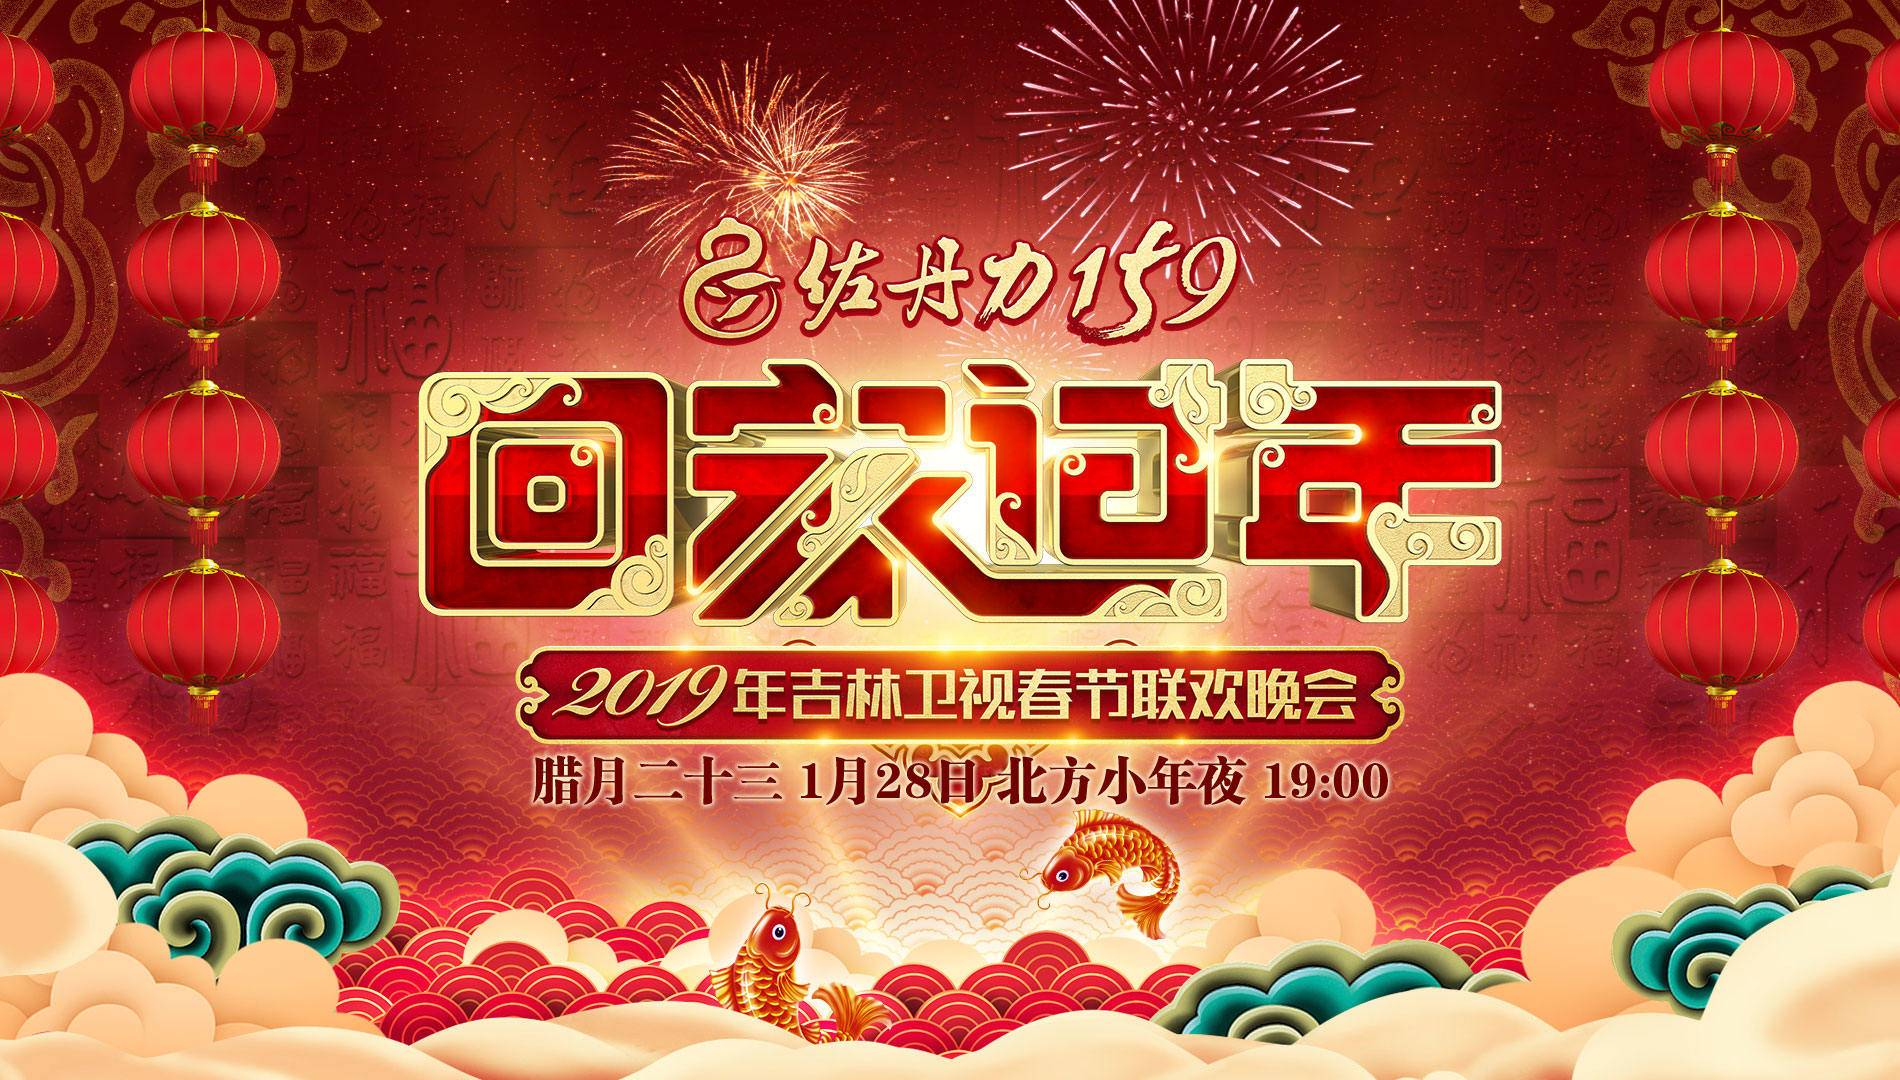 《回家过年》——2019年吉林卫视春节联欢晚会